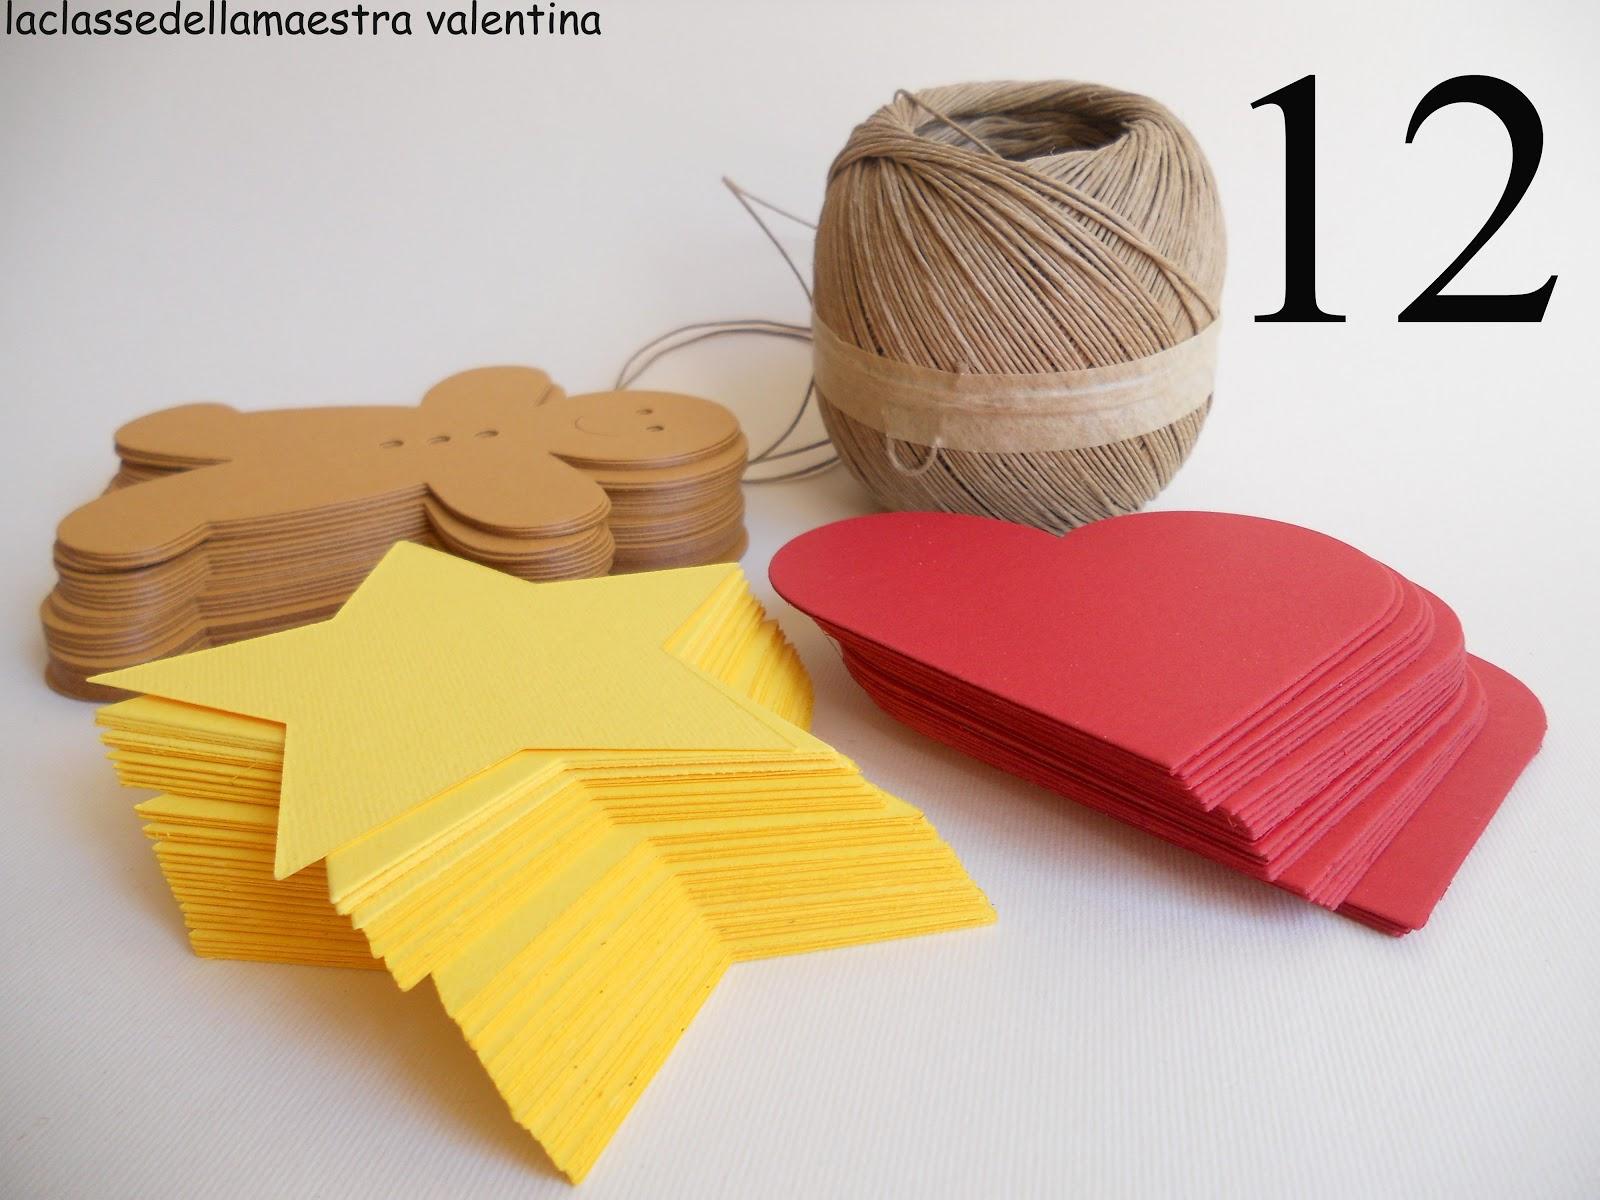 La classe della maestra valentina preparativi natalizi for Lavoretti di natale maestra gemma